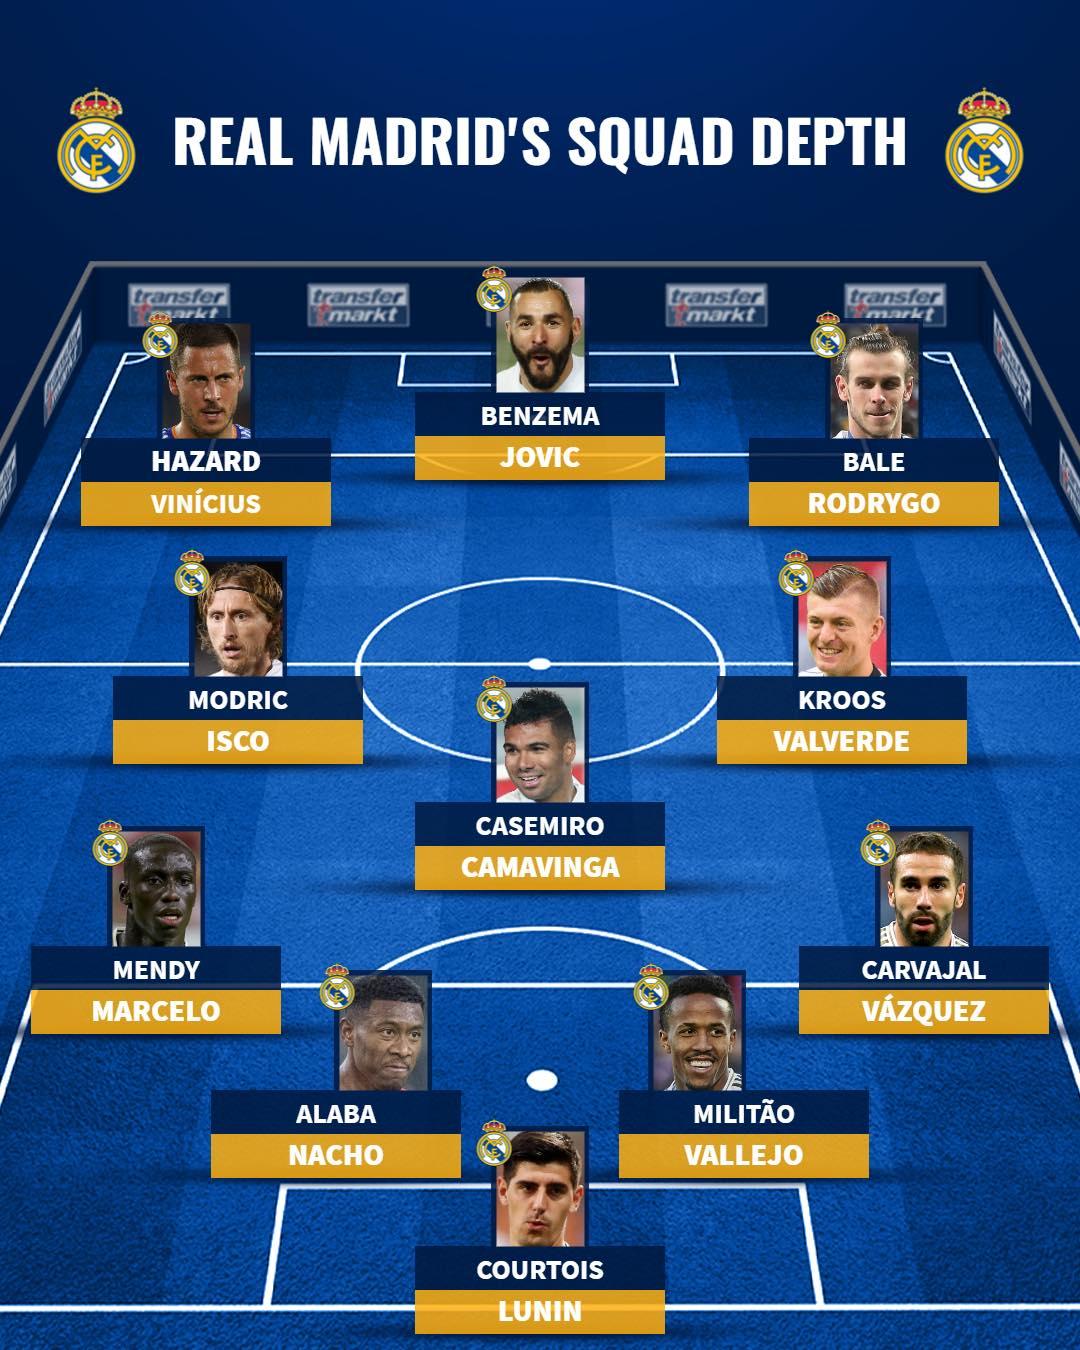 Chia tay Varane và Ramos, chiều sâu đội hình Real thay đổi ra sao? - Bóng Đá